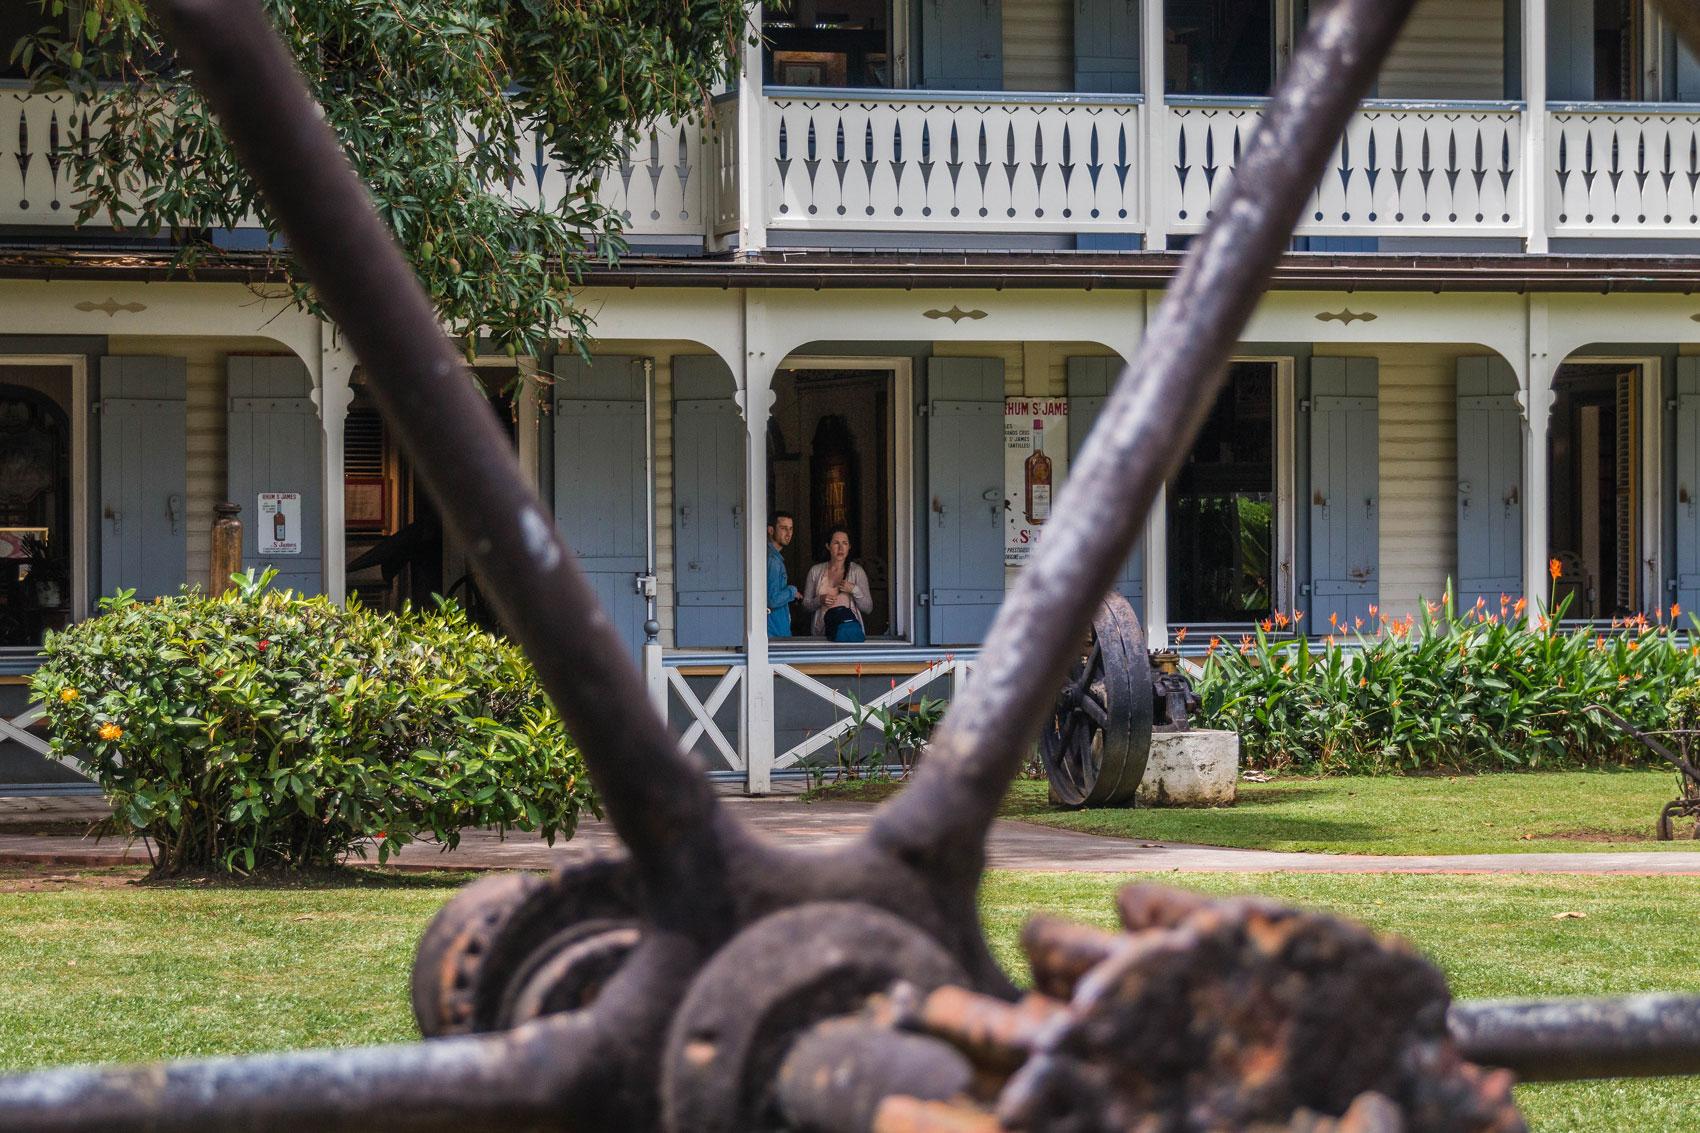 martinique, distillerie saint-james : couple sur veranda